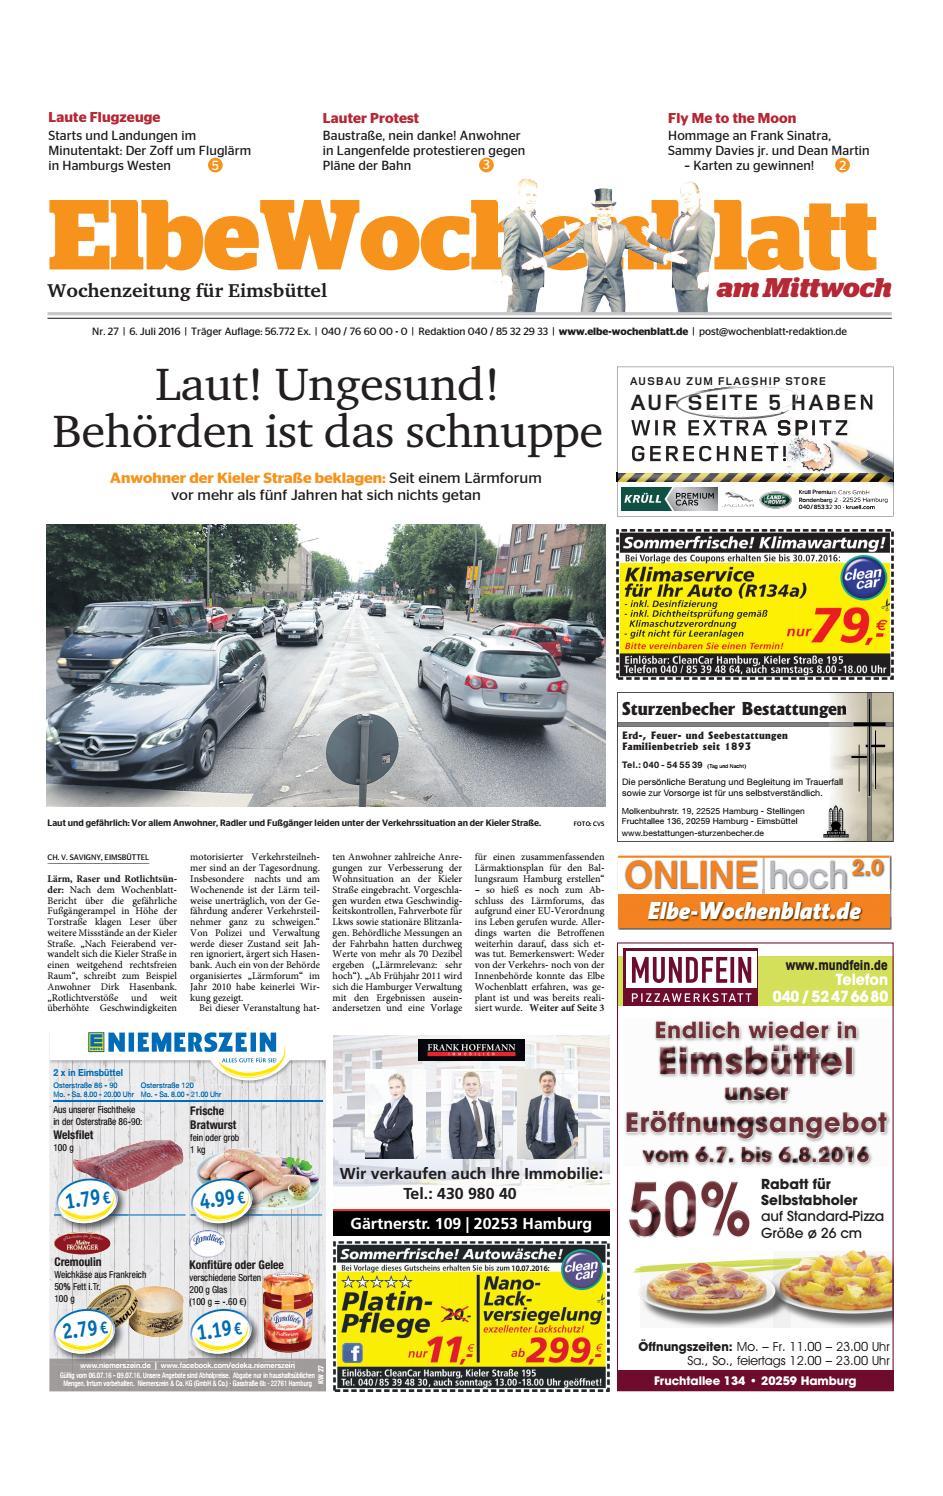 Dach Firma Mit Dachdecker bbd-01 Ausdrucksvoll Werbebanner Inkl Gestaltung Dach Klempner